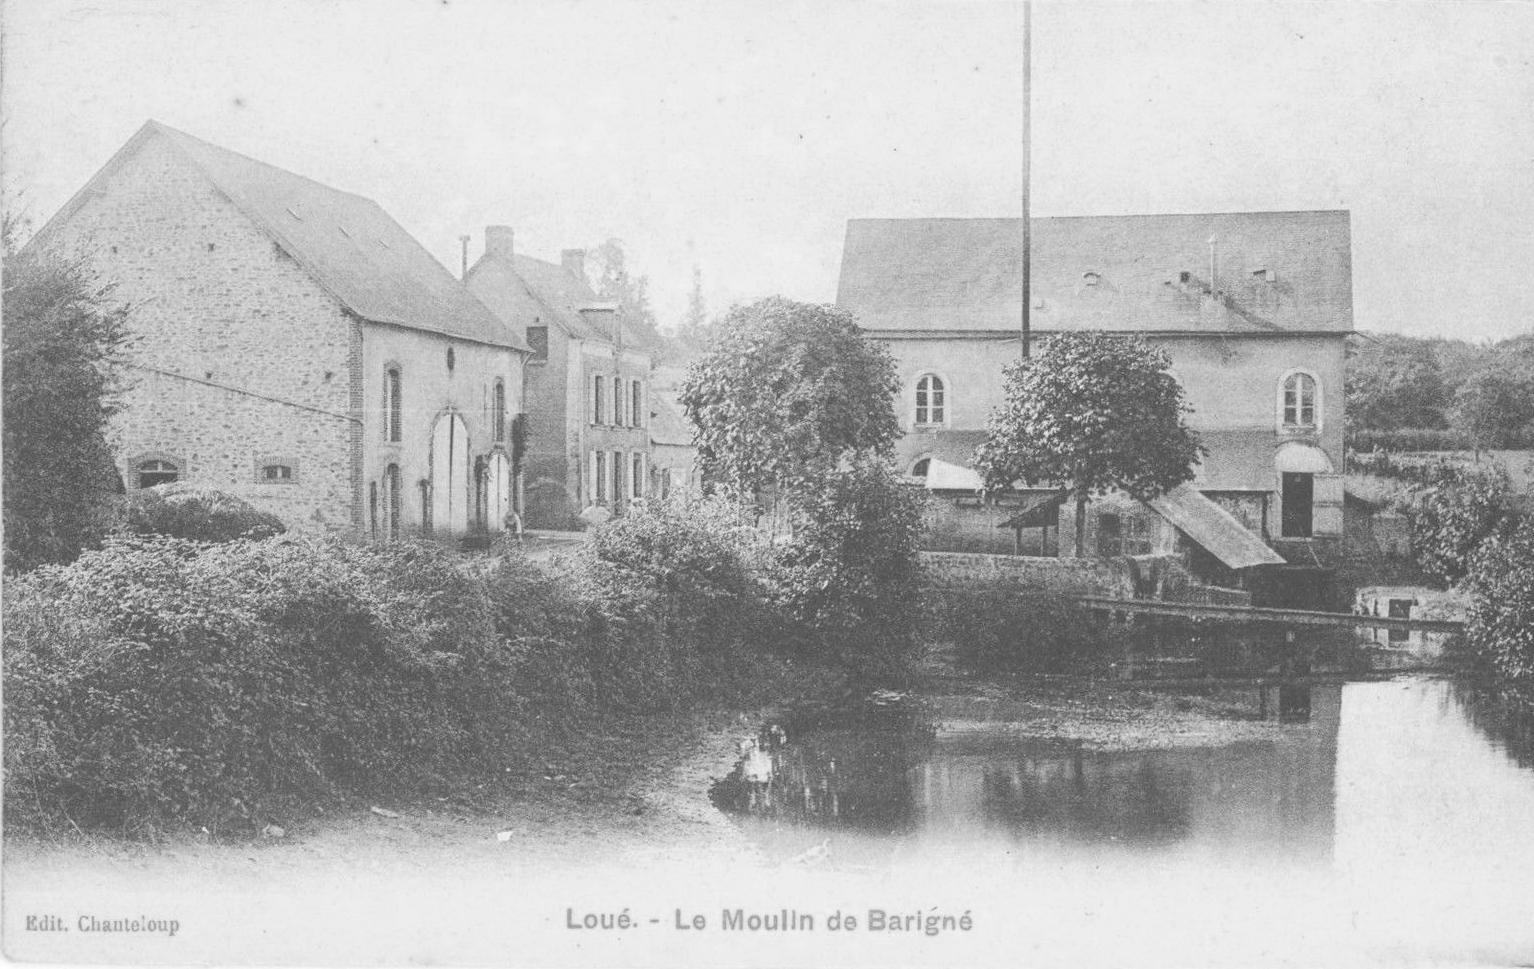 Loué - Le Moulin de Barigné